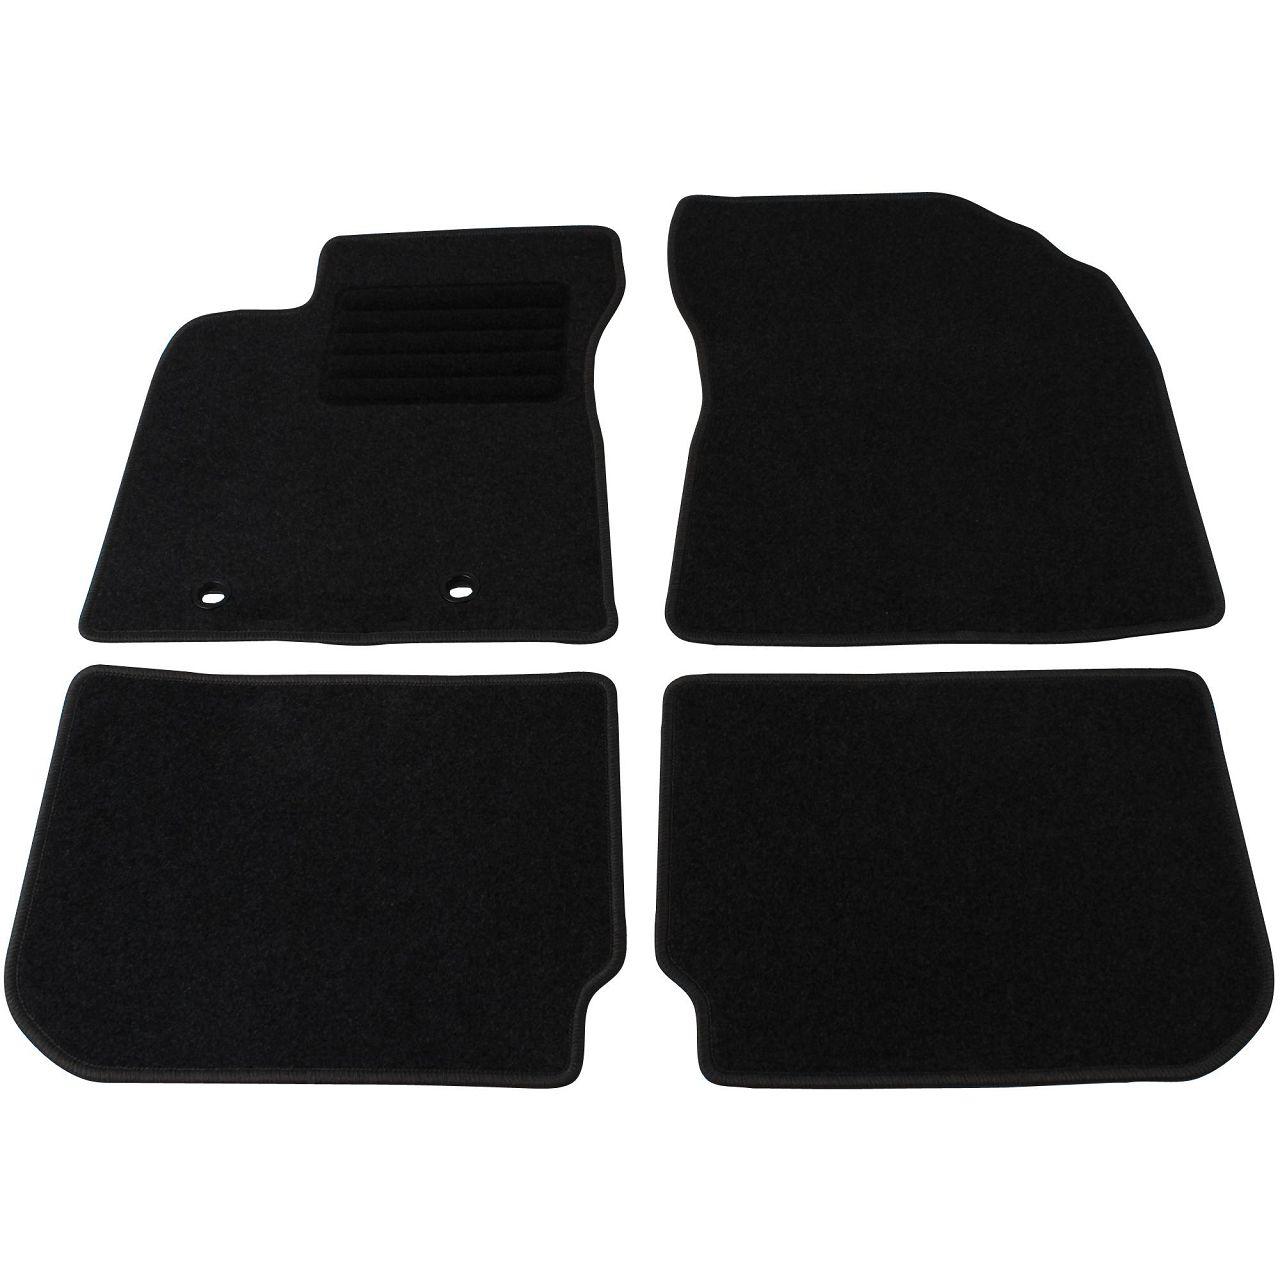 Veloursmatten Textilmatten Fußmatten für Toyota Avensis ab 01.2012 4-tlg